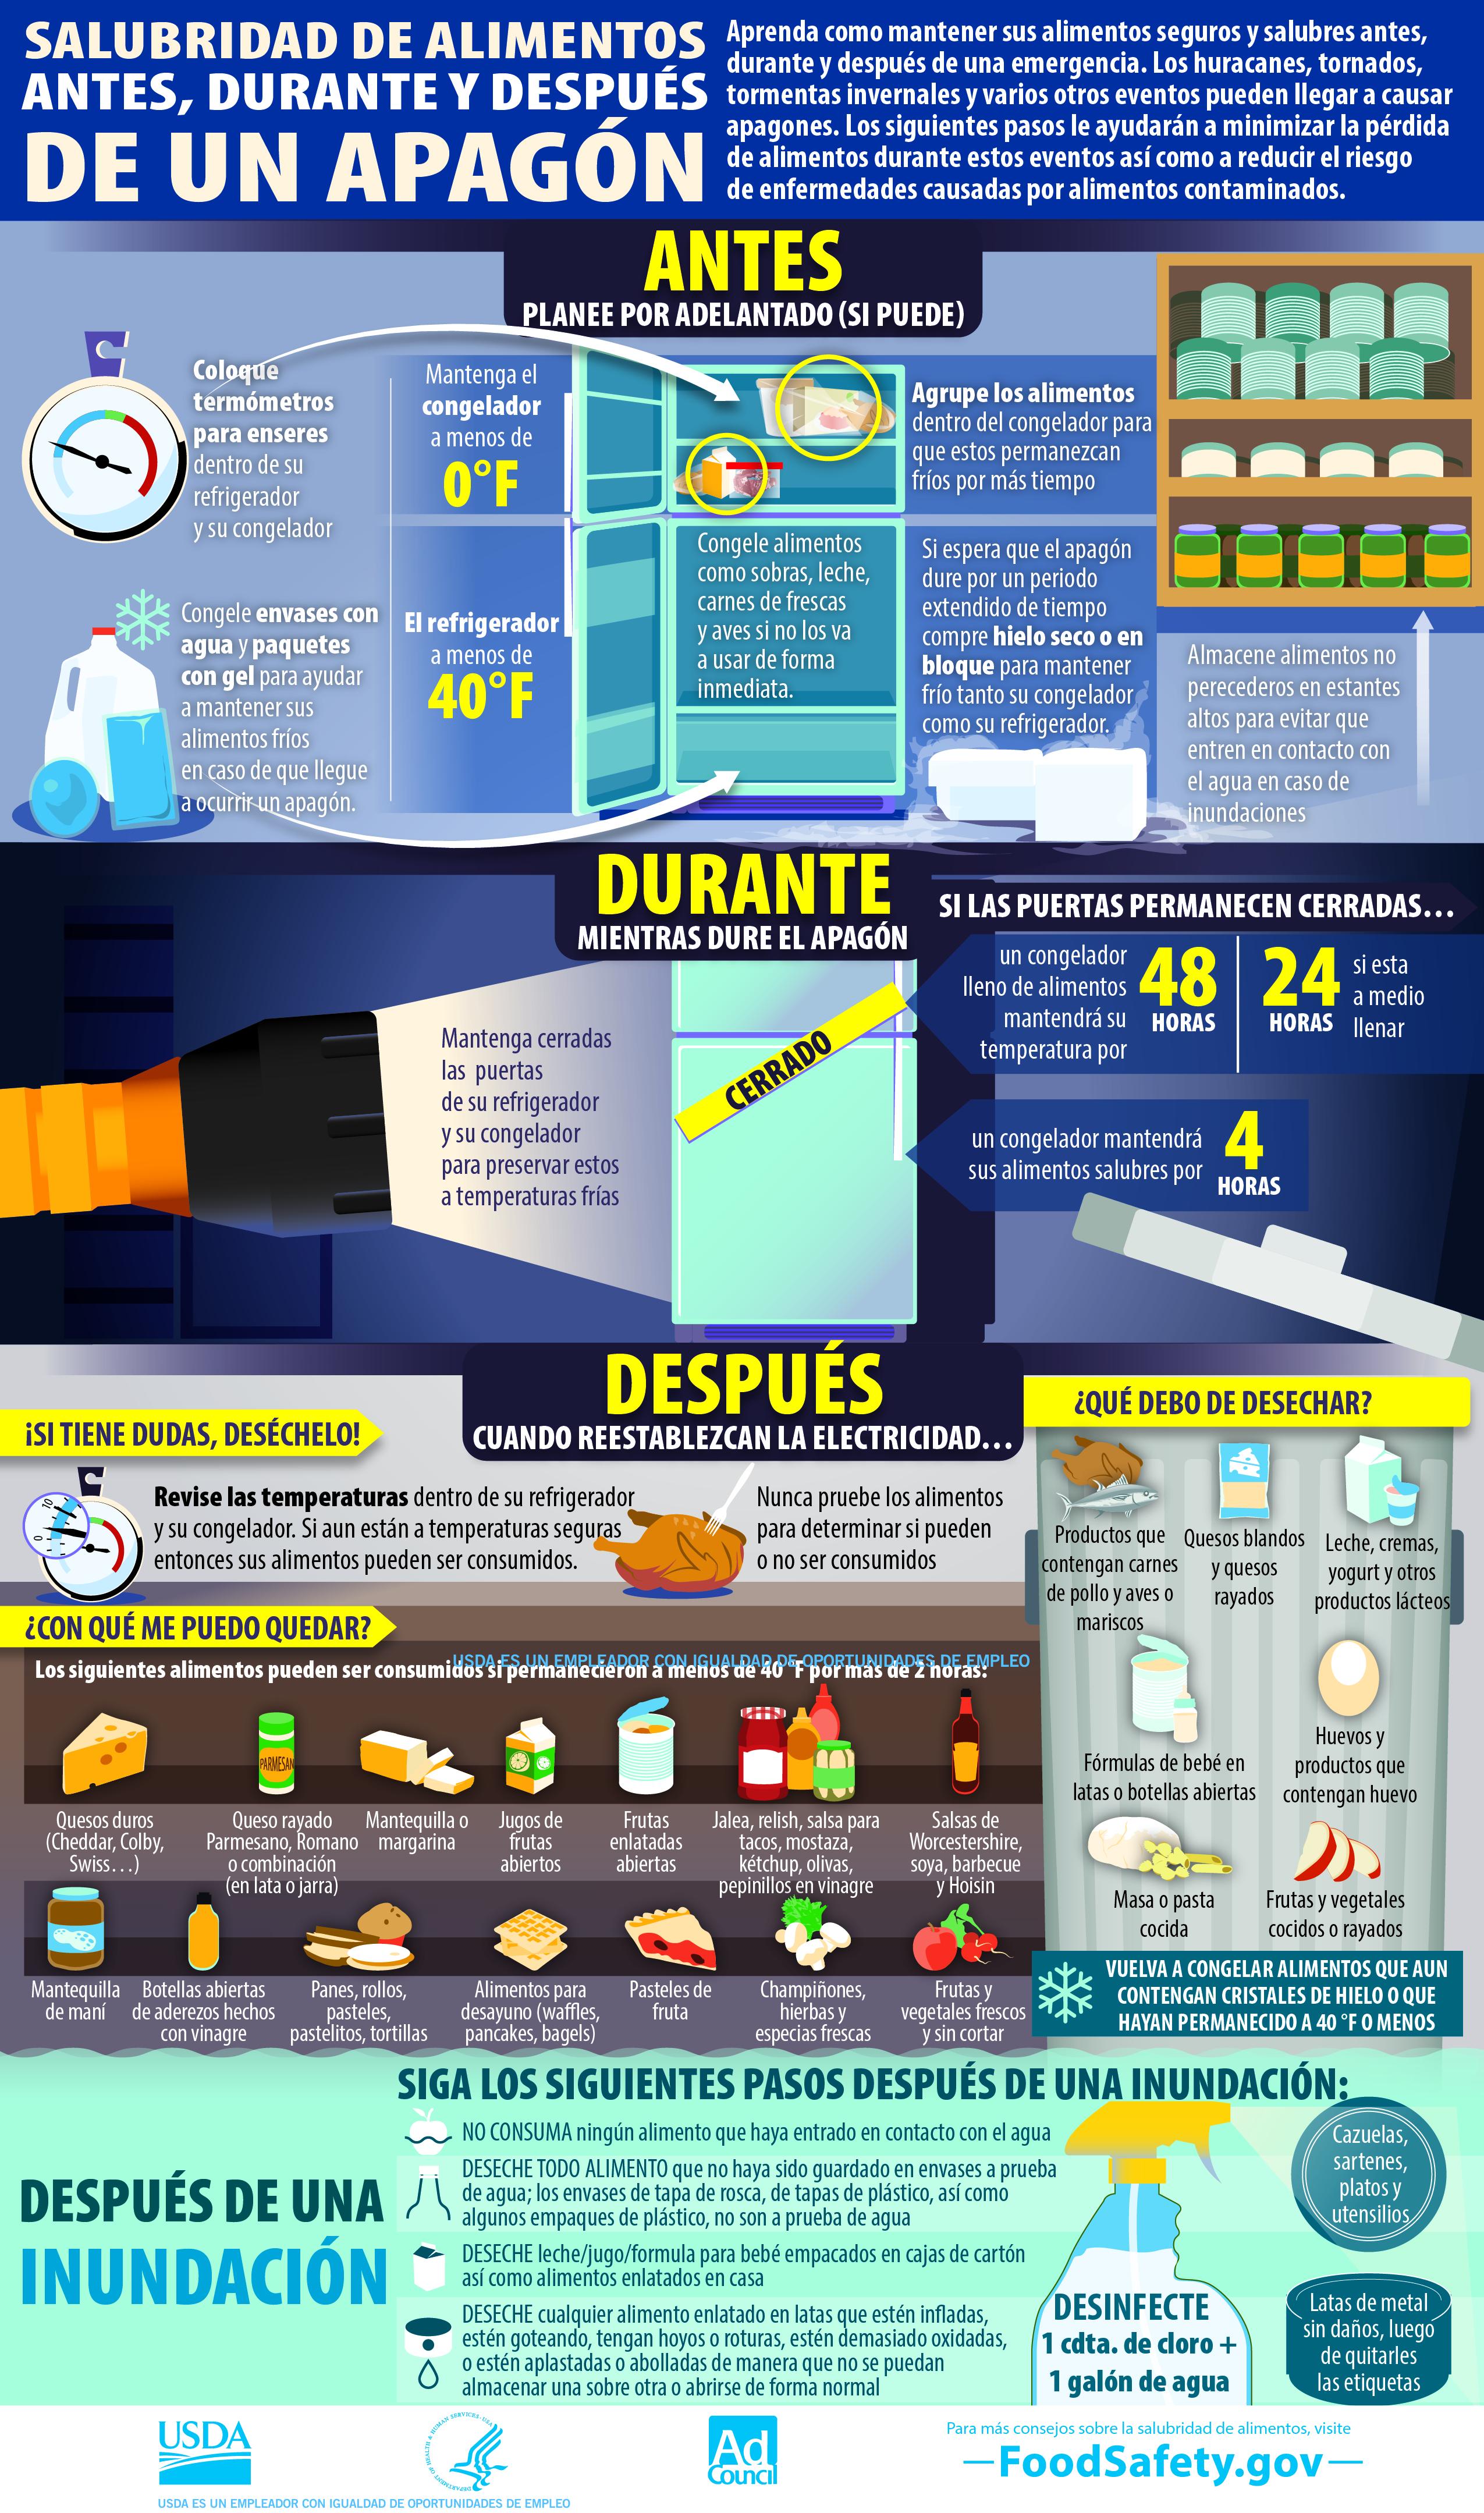 Salubridad de alimentos, antes, durante, y después de un apagón